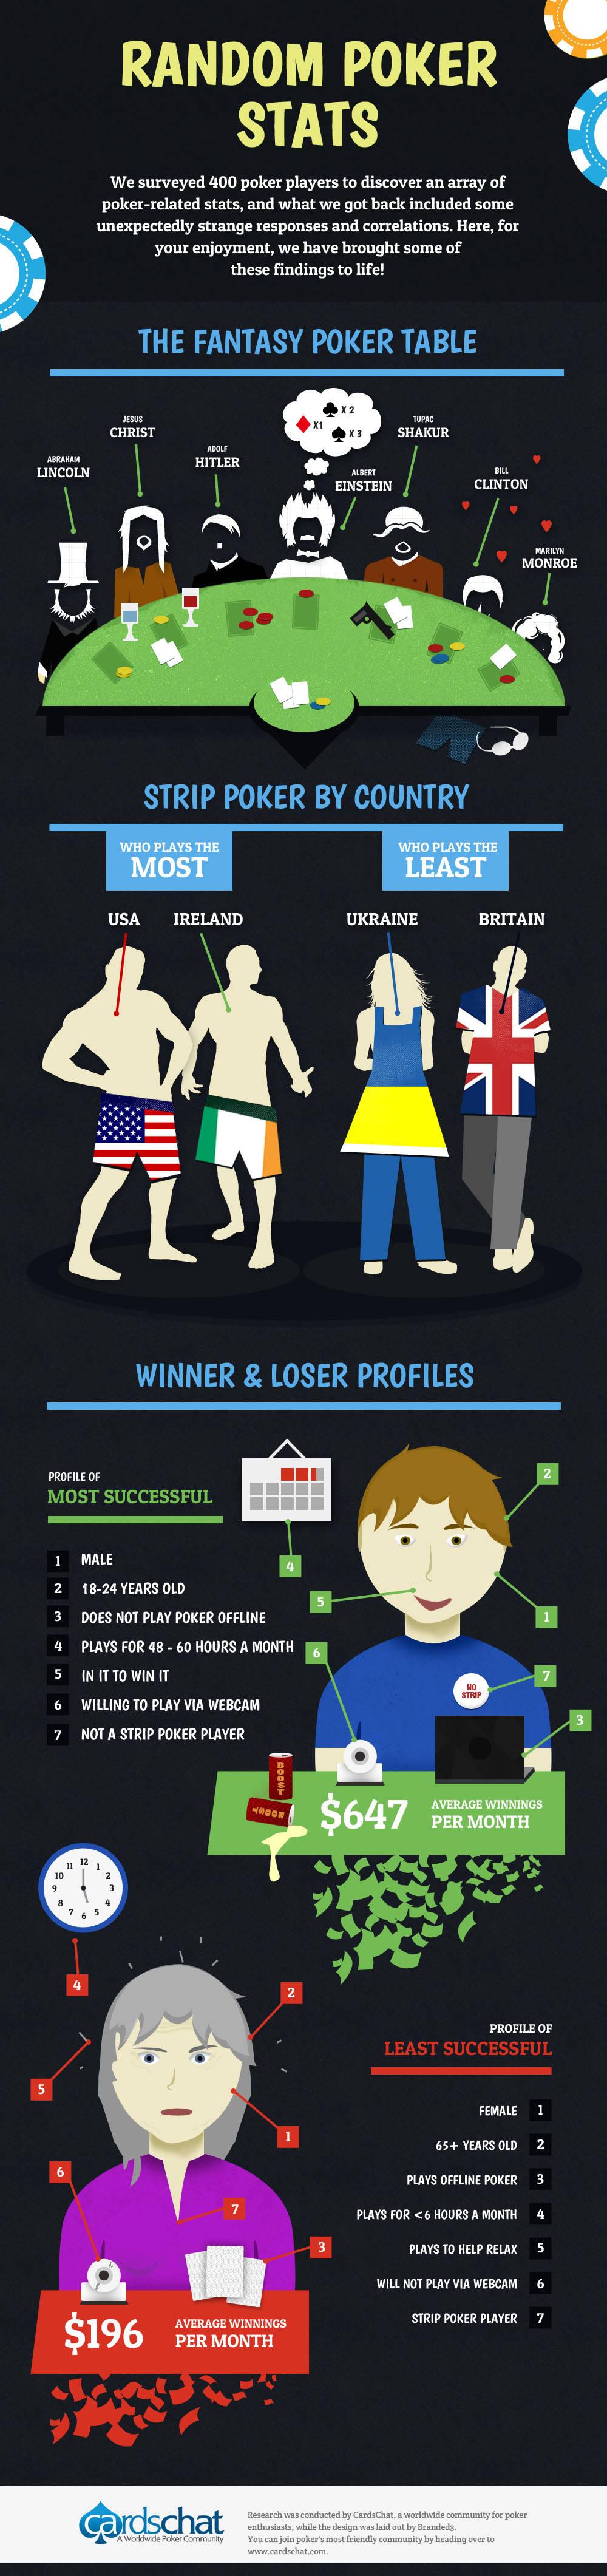 Random Poker Stats